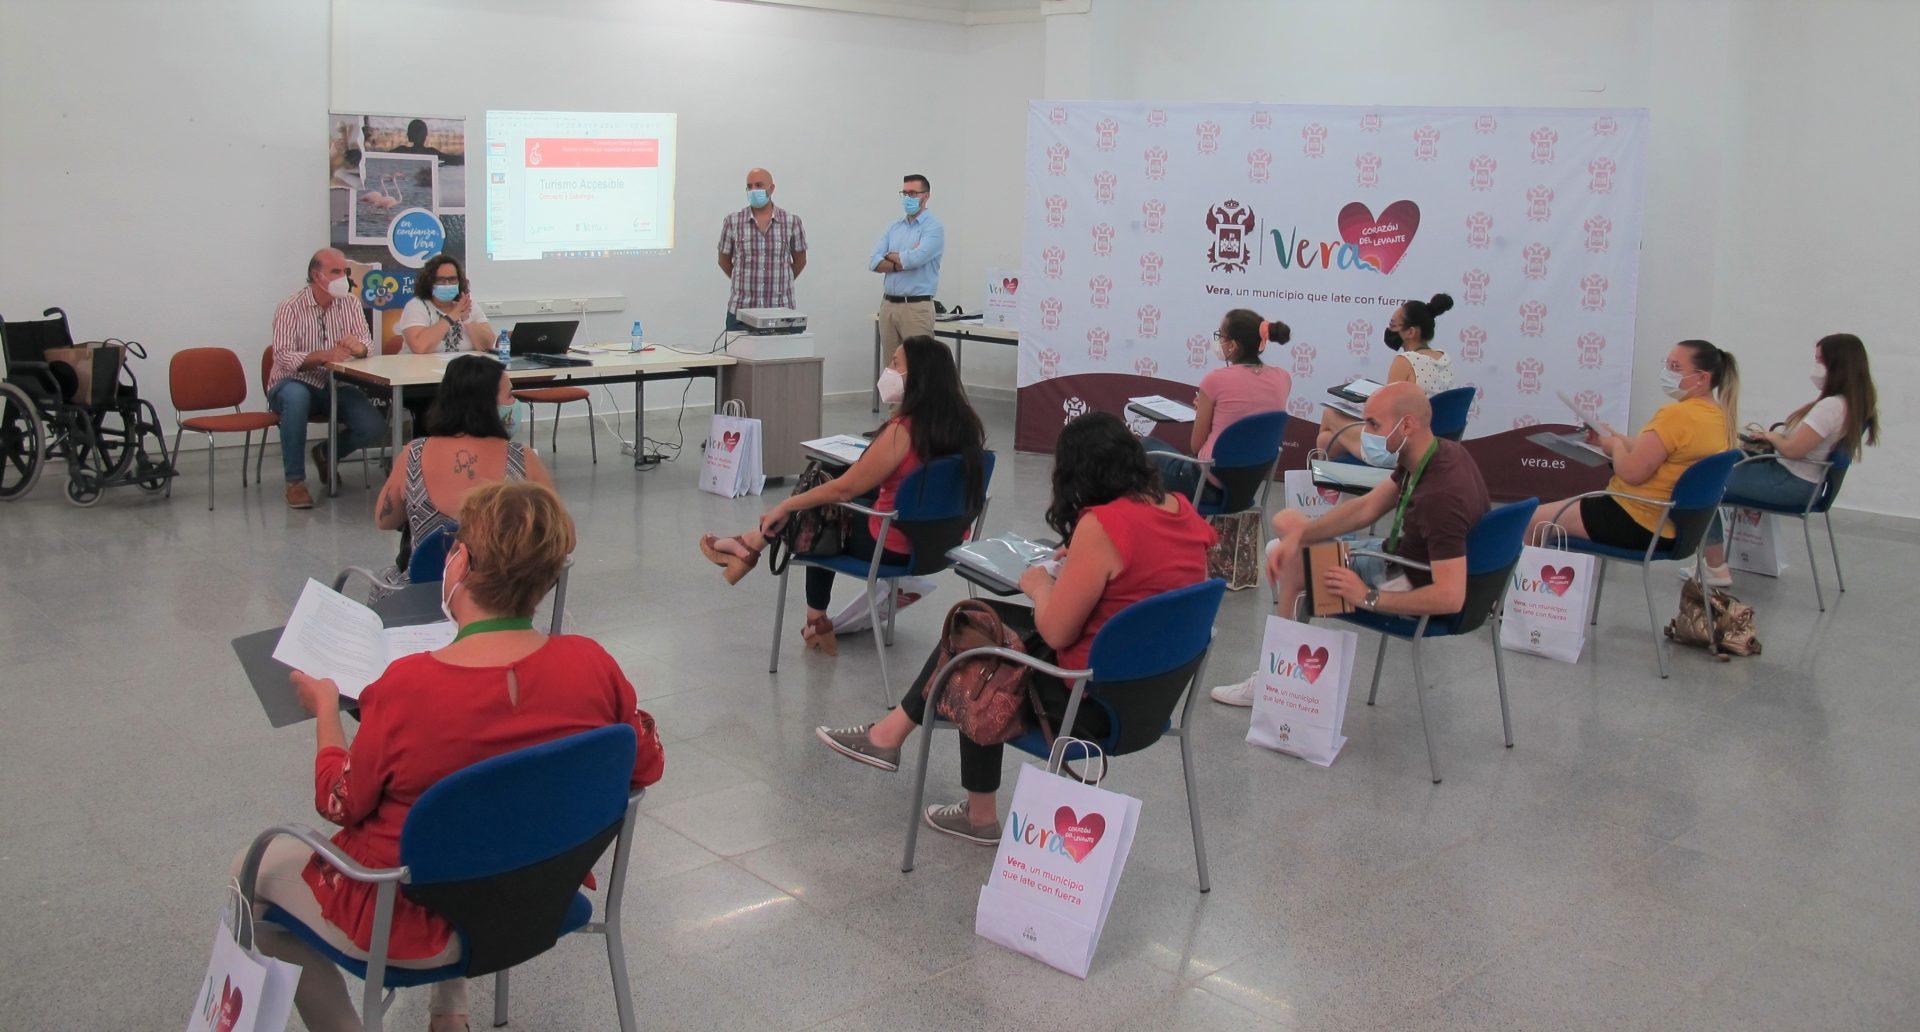 Vera pone en marcha un curso de turismo accesible y atención a clientes con discapacidad y otras necesidades